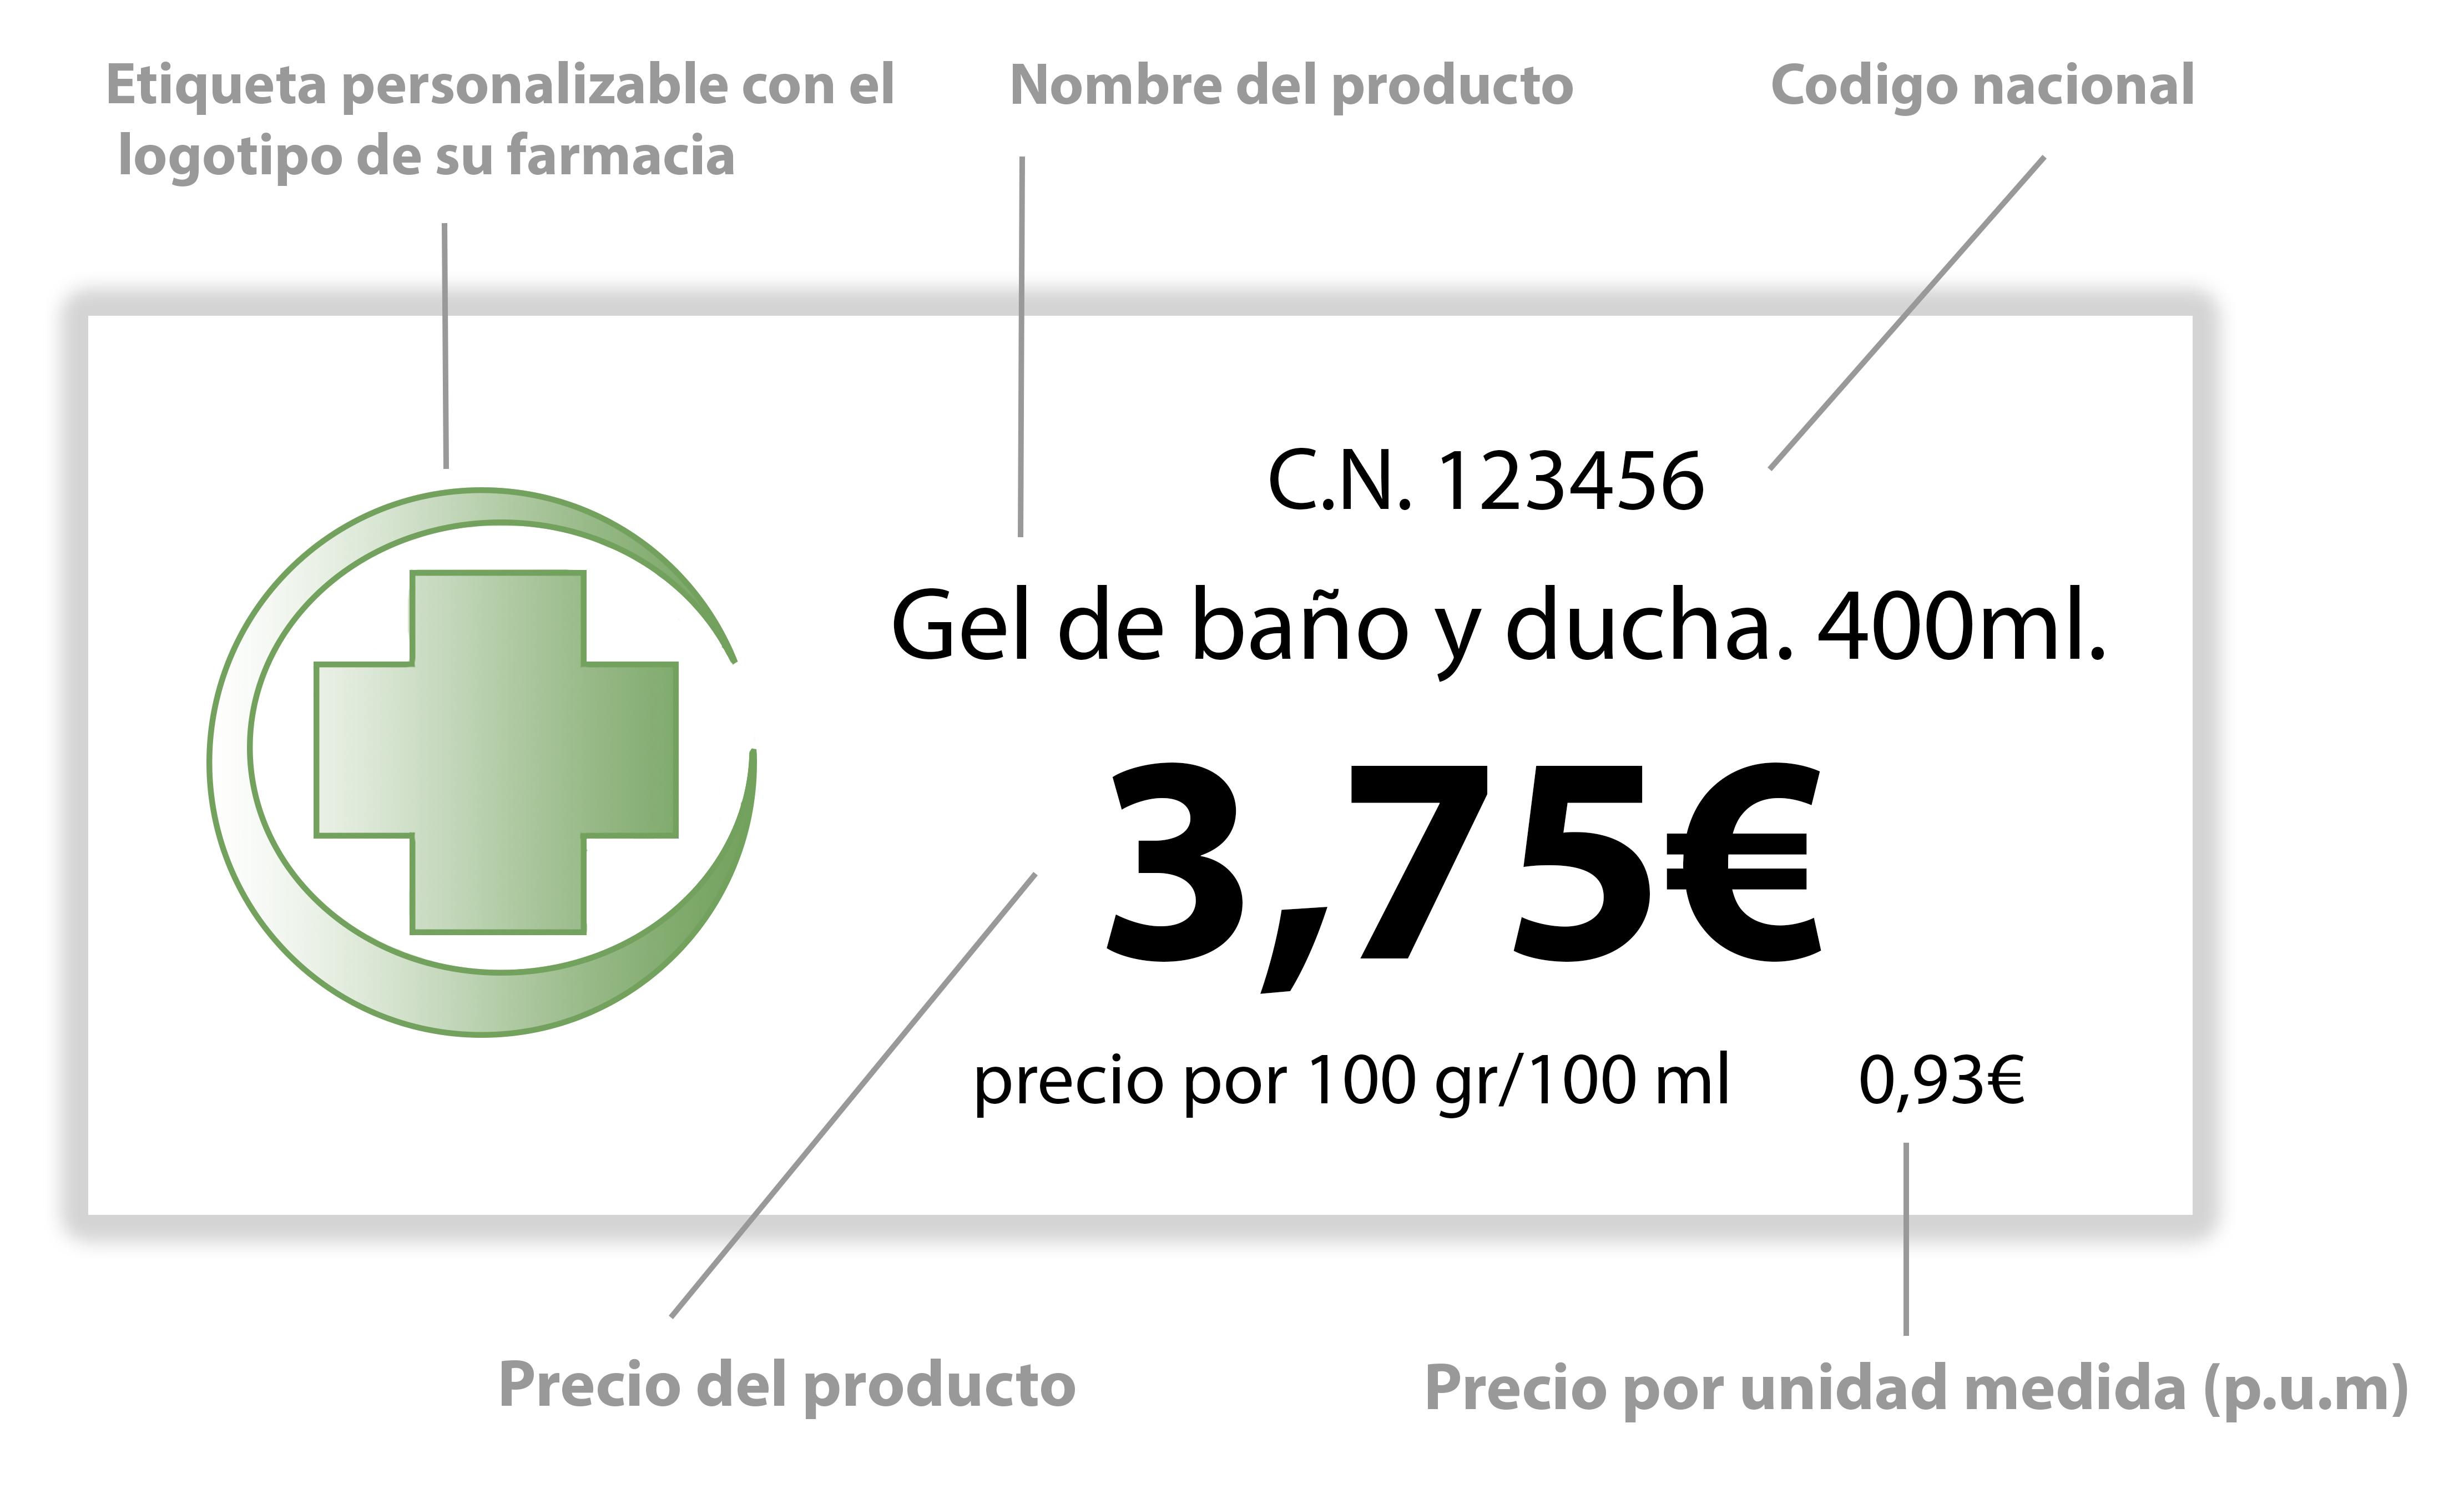 ETIQUETAS PRECIOS - Gesfarm